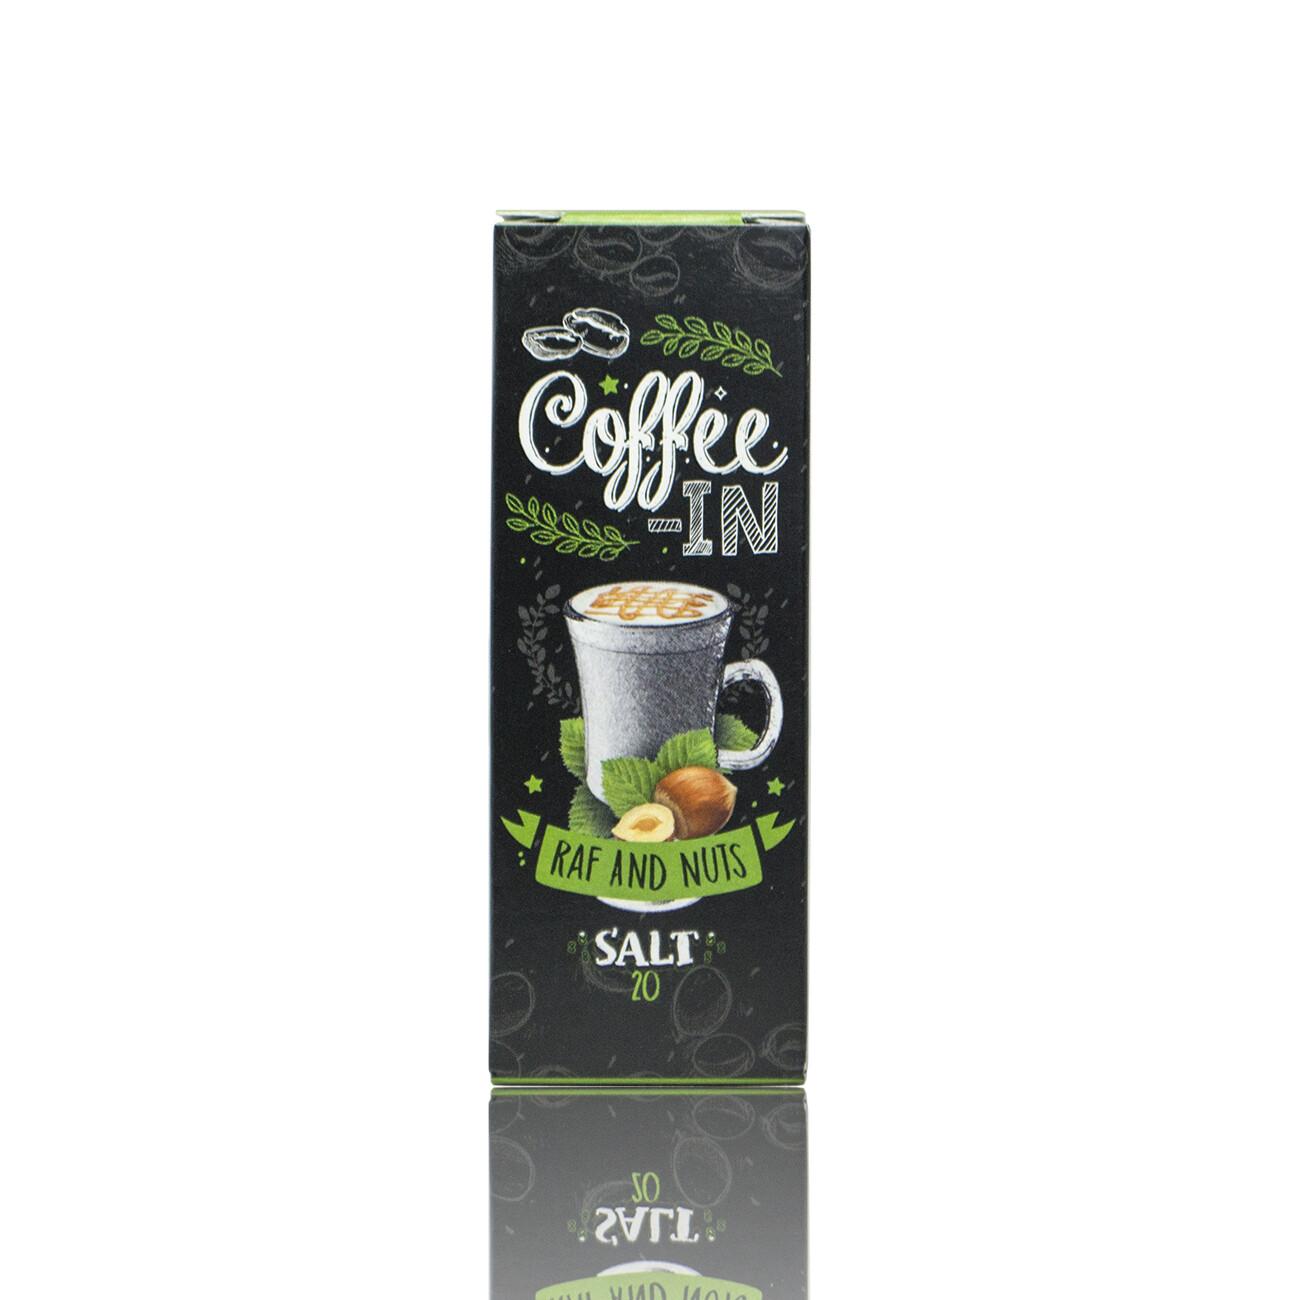 COFFE-IN SALT: RAF NUTS 20MG